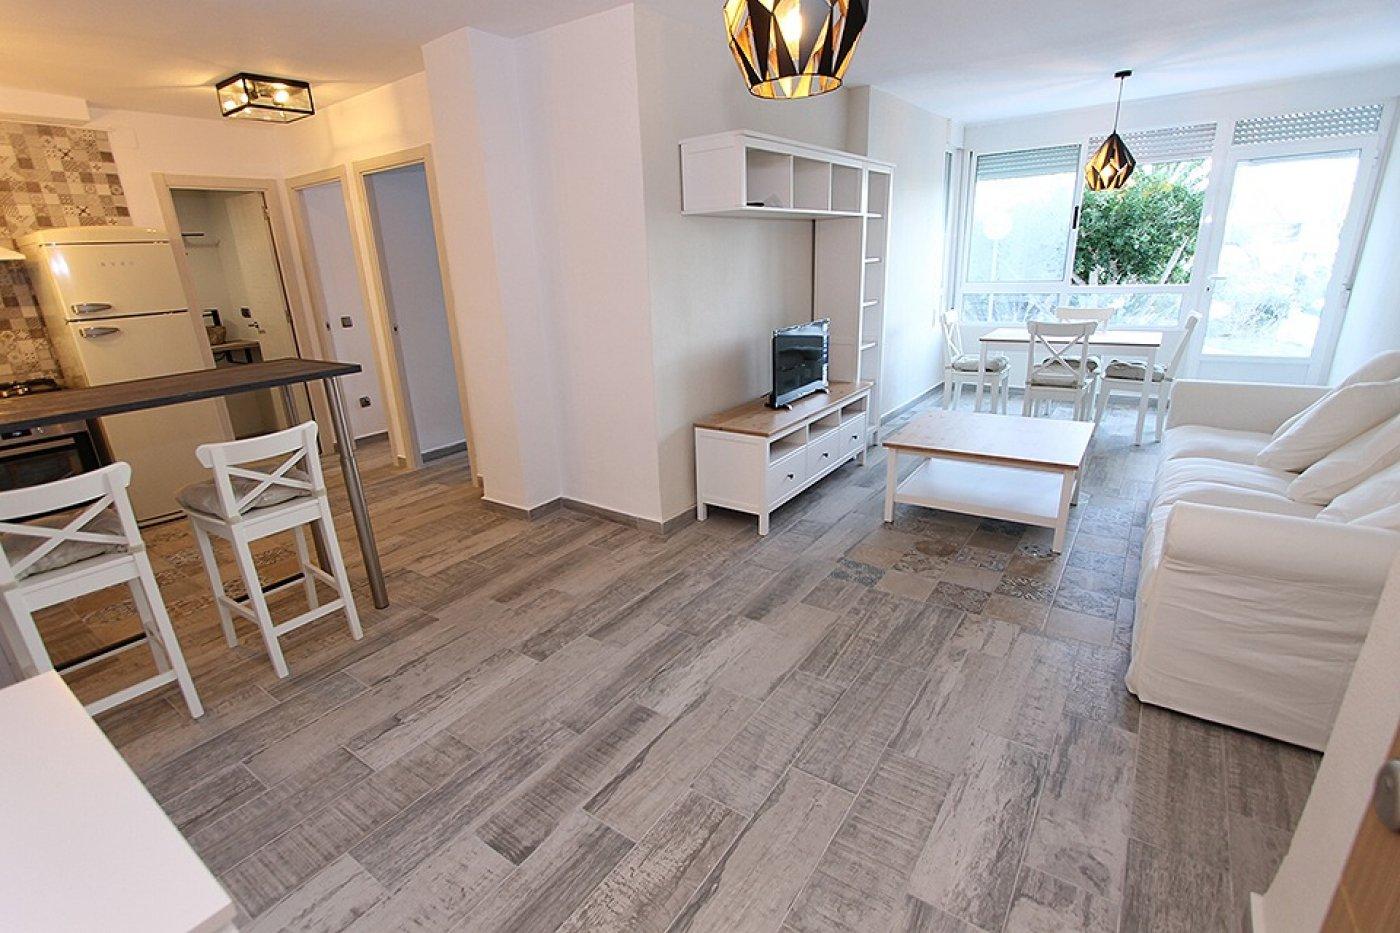 apartamento en santa-pola · gran-alacant 119840€